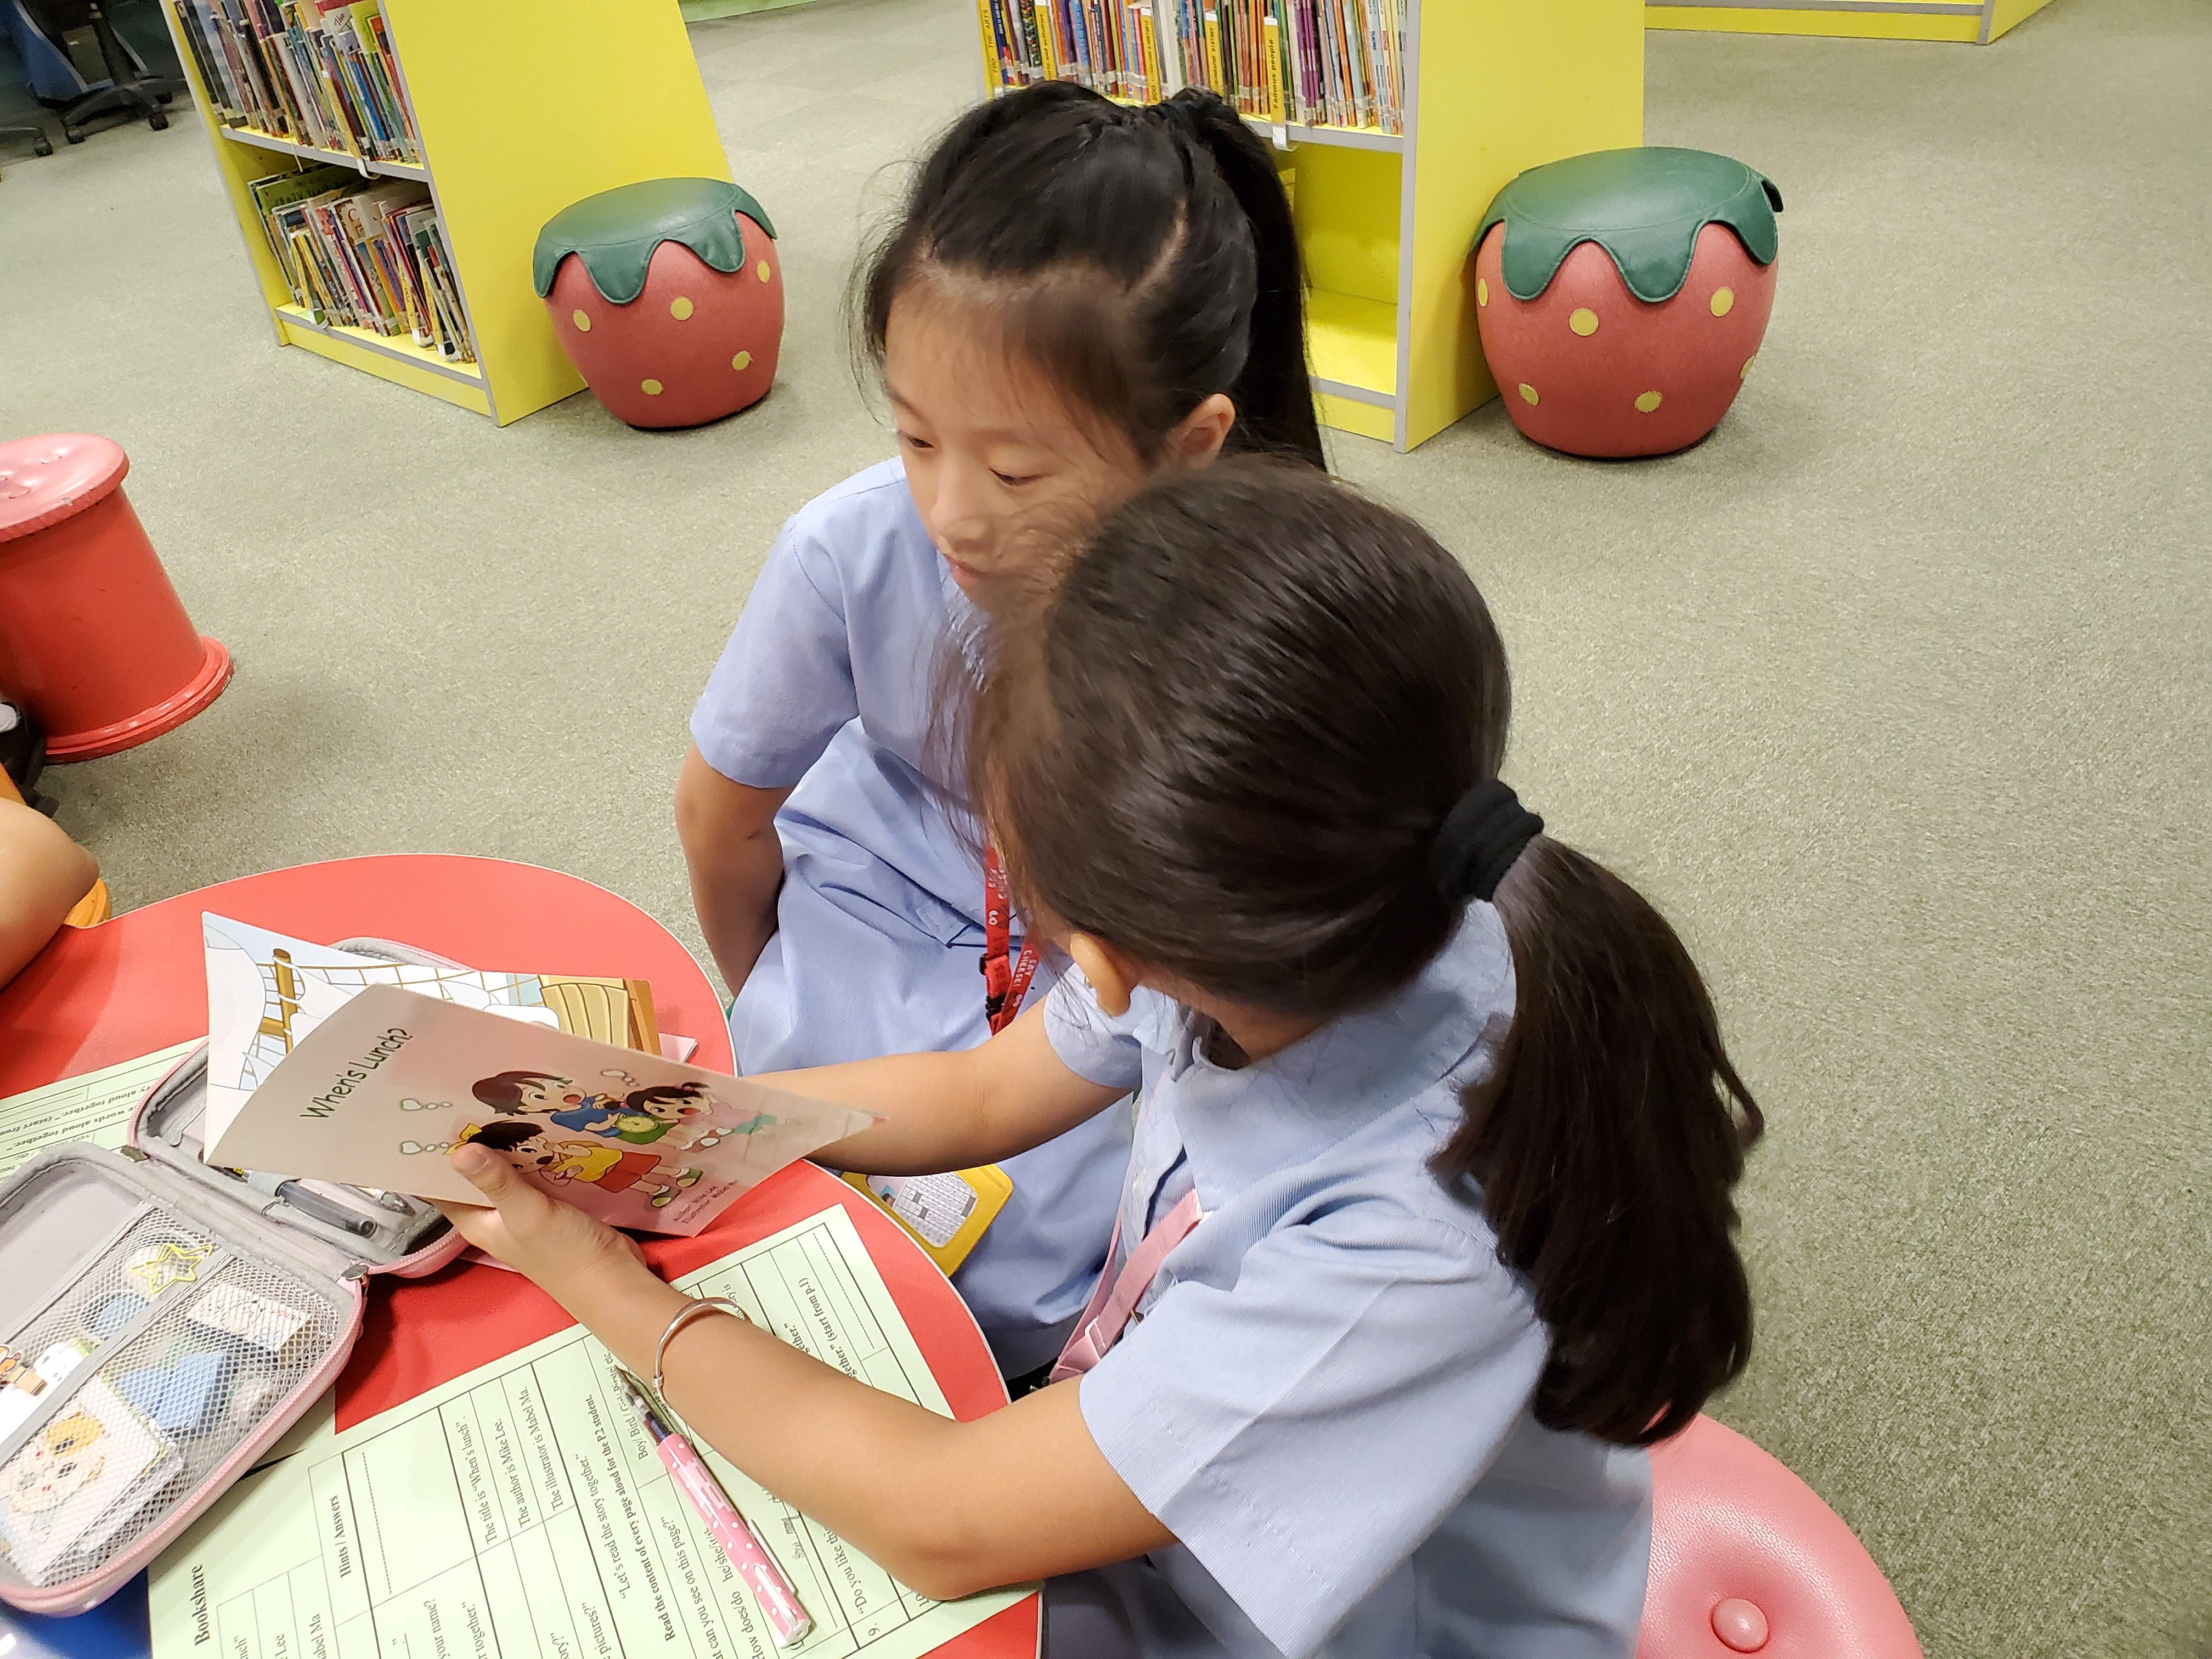 http://www.keiwan.edu.hk/sites/default/files/20191008_101806.jpg